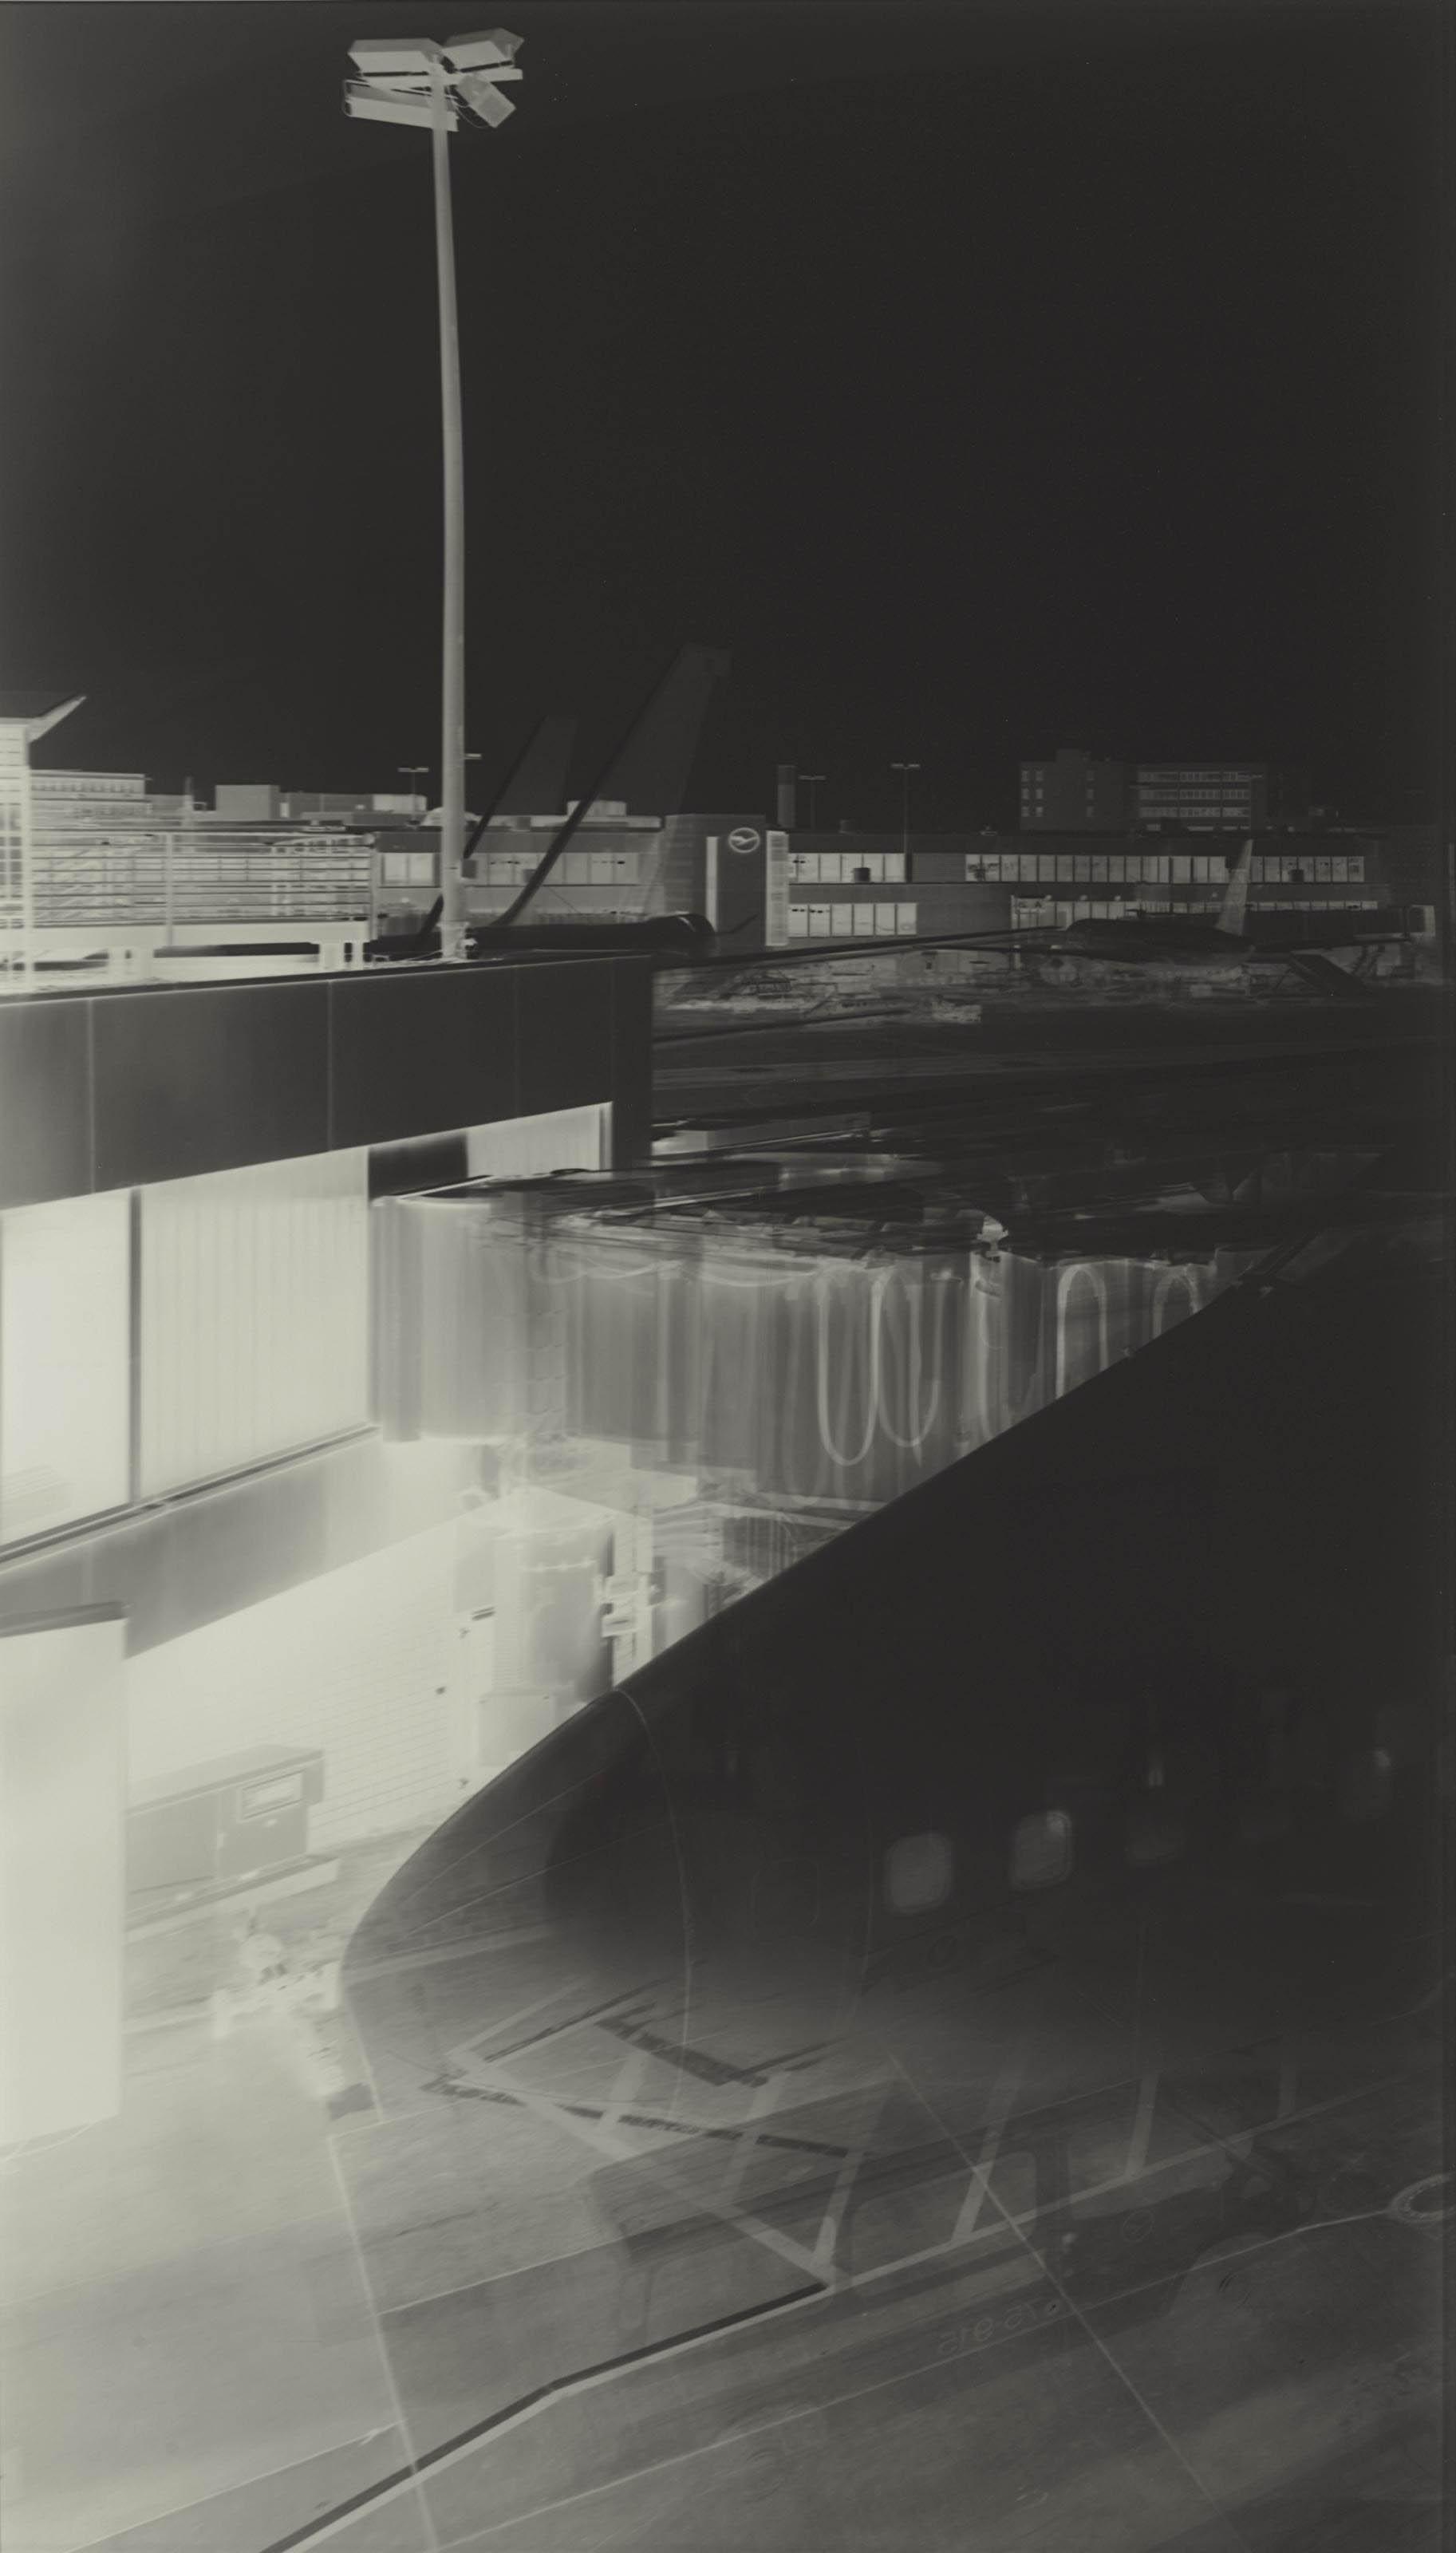 VERA LUTTER (B. 1960)